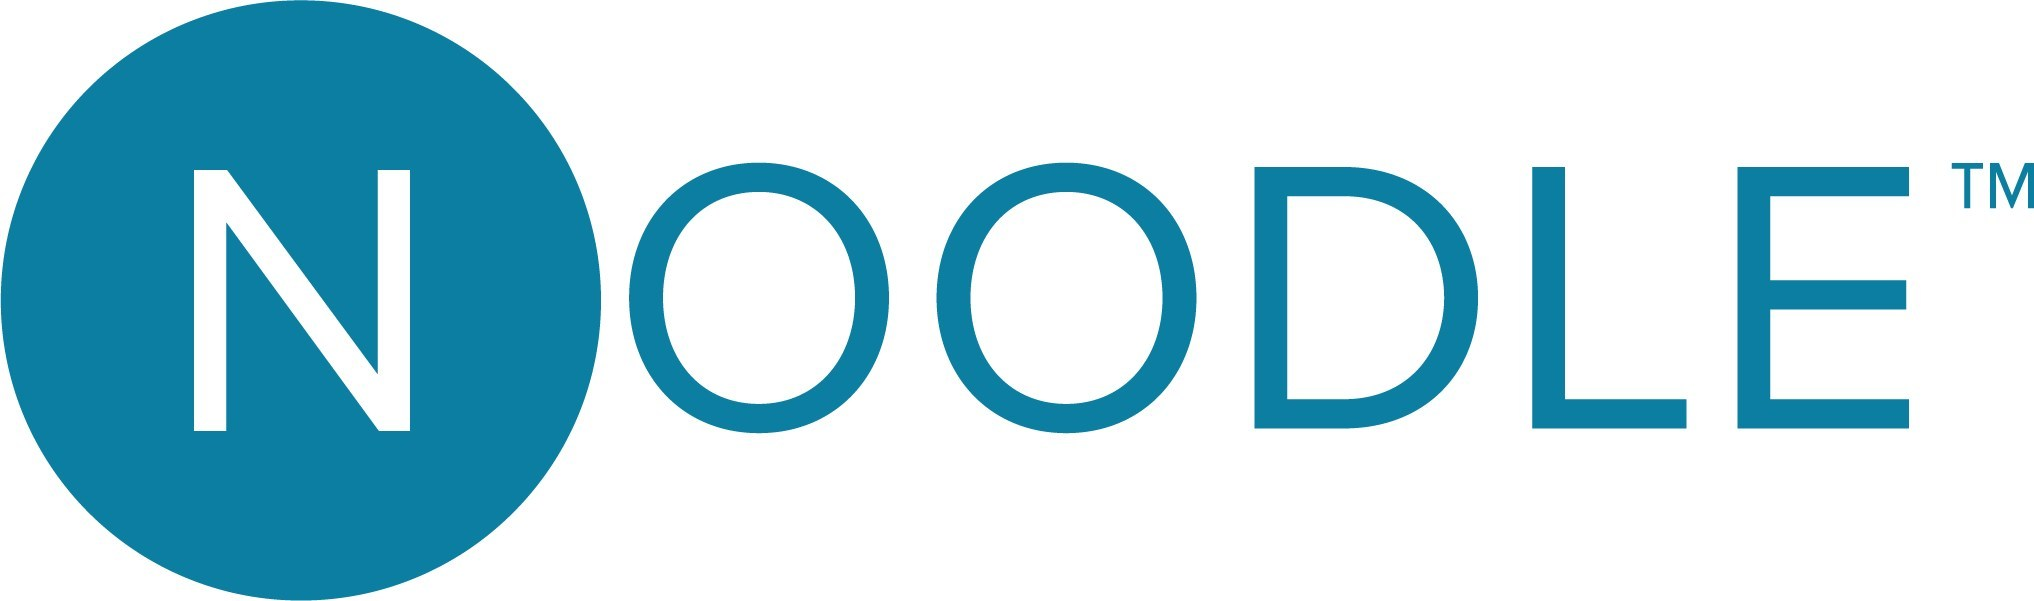 Noodle logo